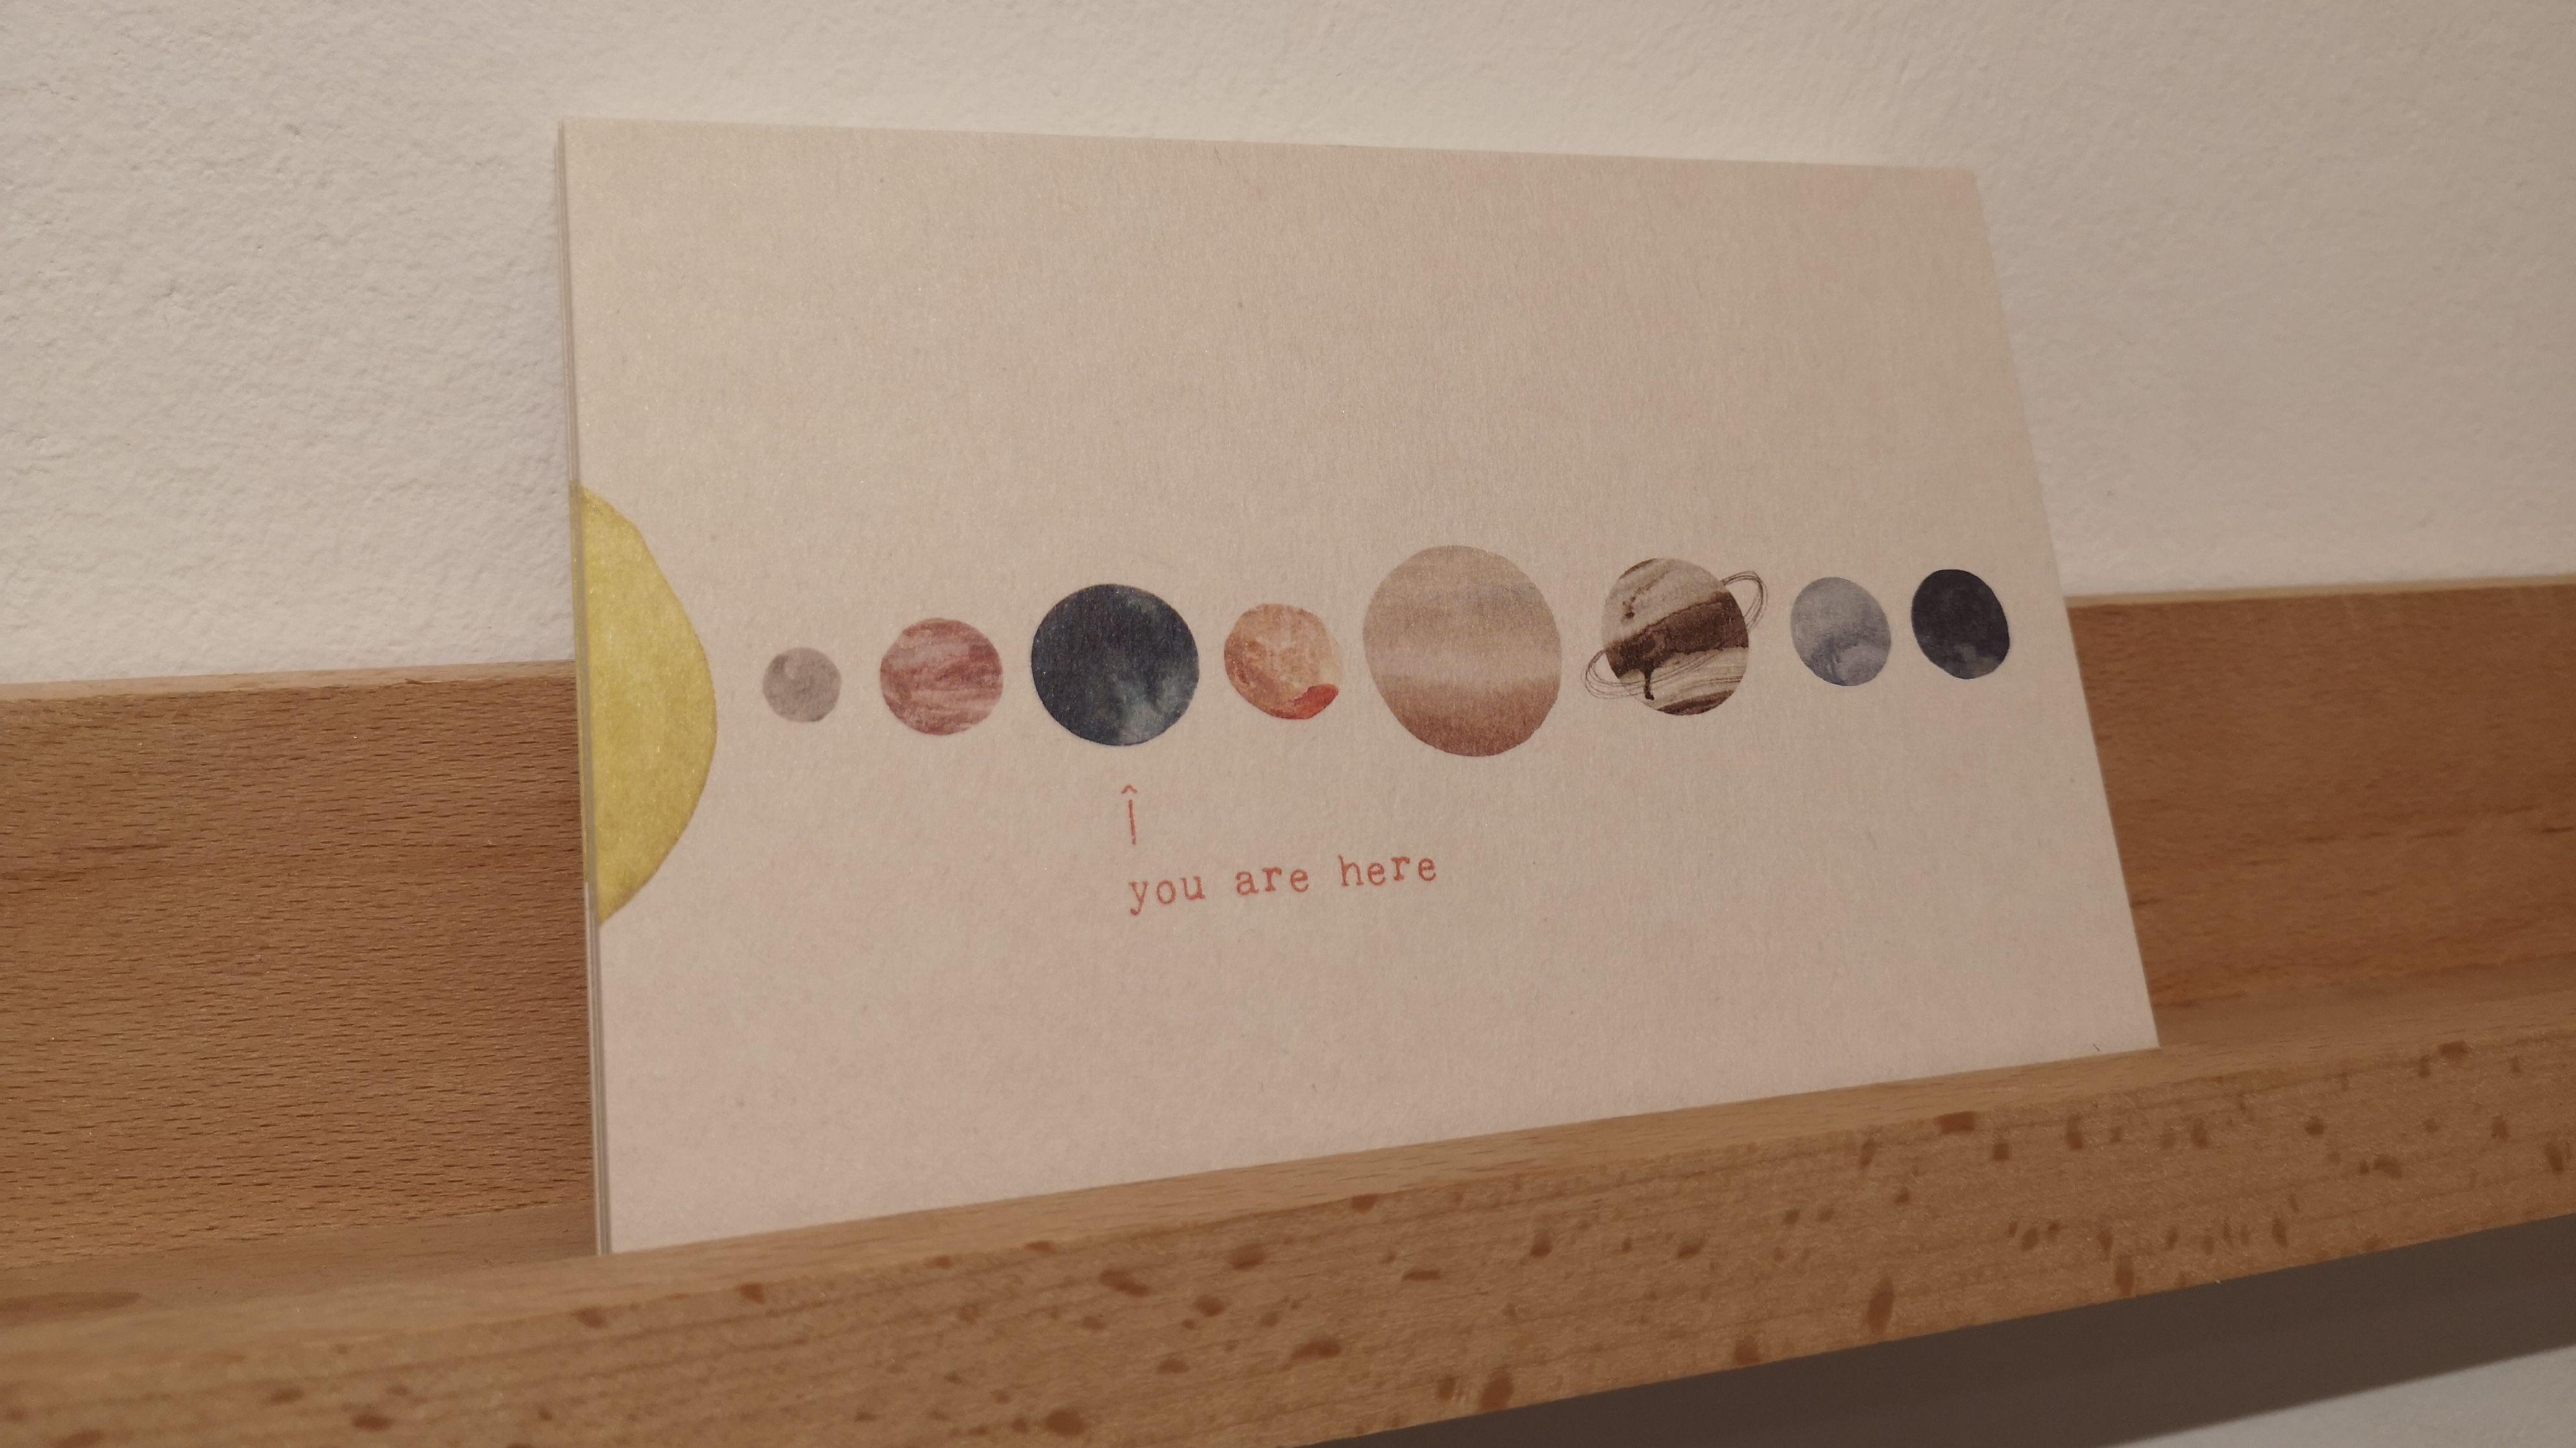 Eine Postkarte. Darauf zu sehen: Die Sonne und acht Planeten. Ein kleiner Pfeil zeigt auf die Erde. Darunter steht: you are here.